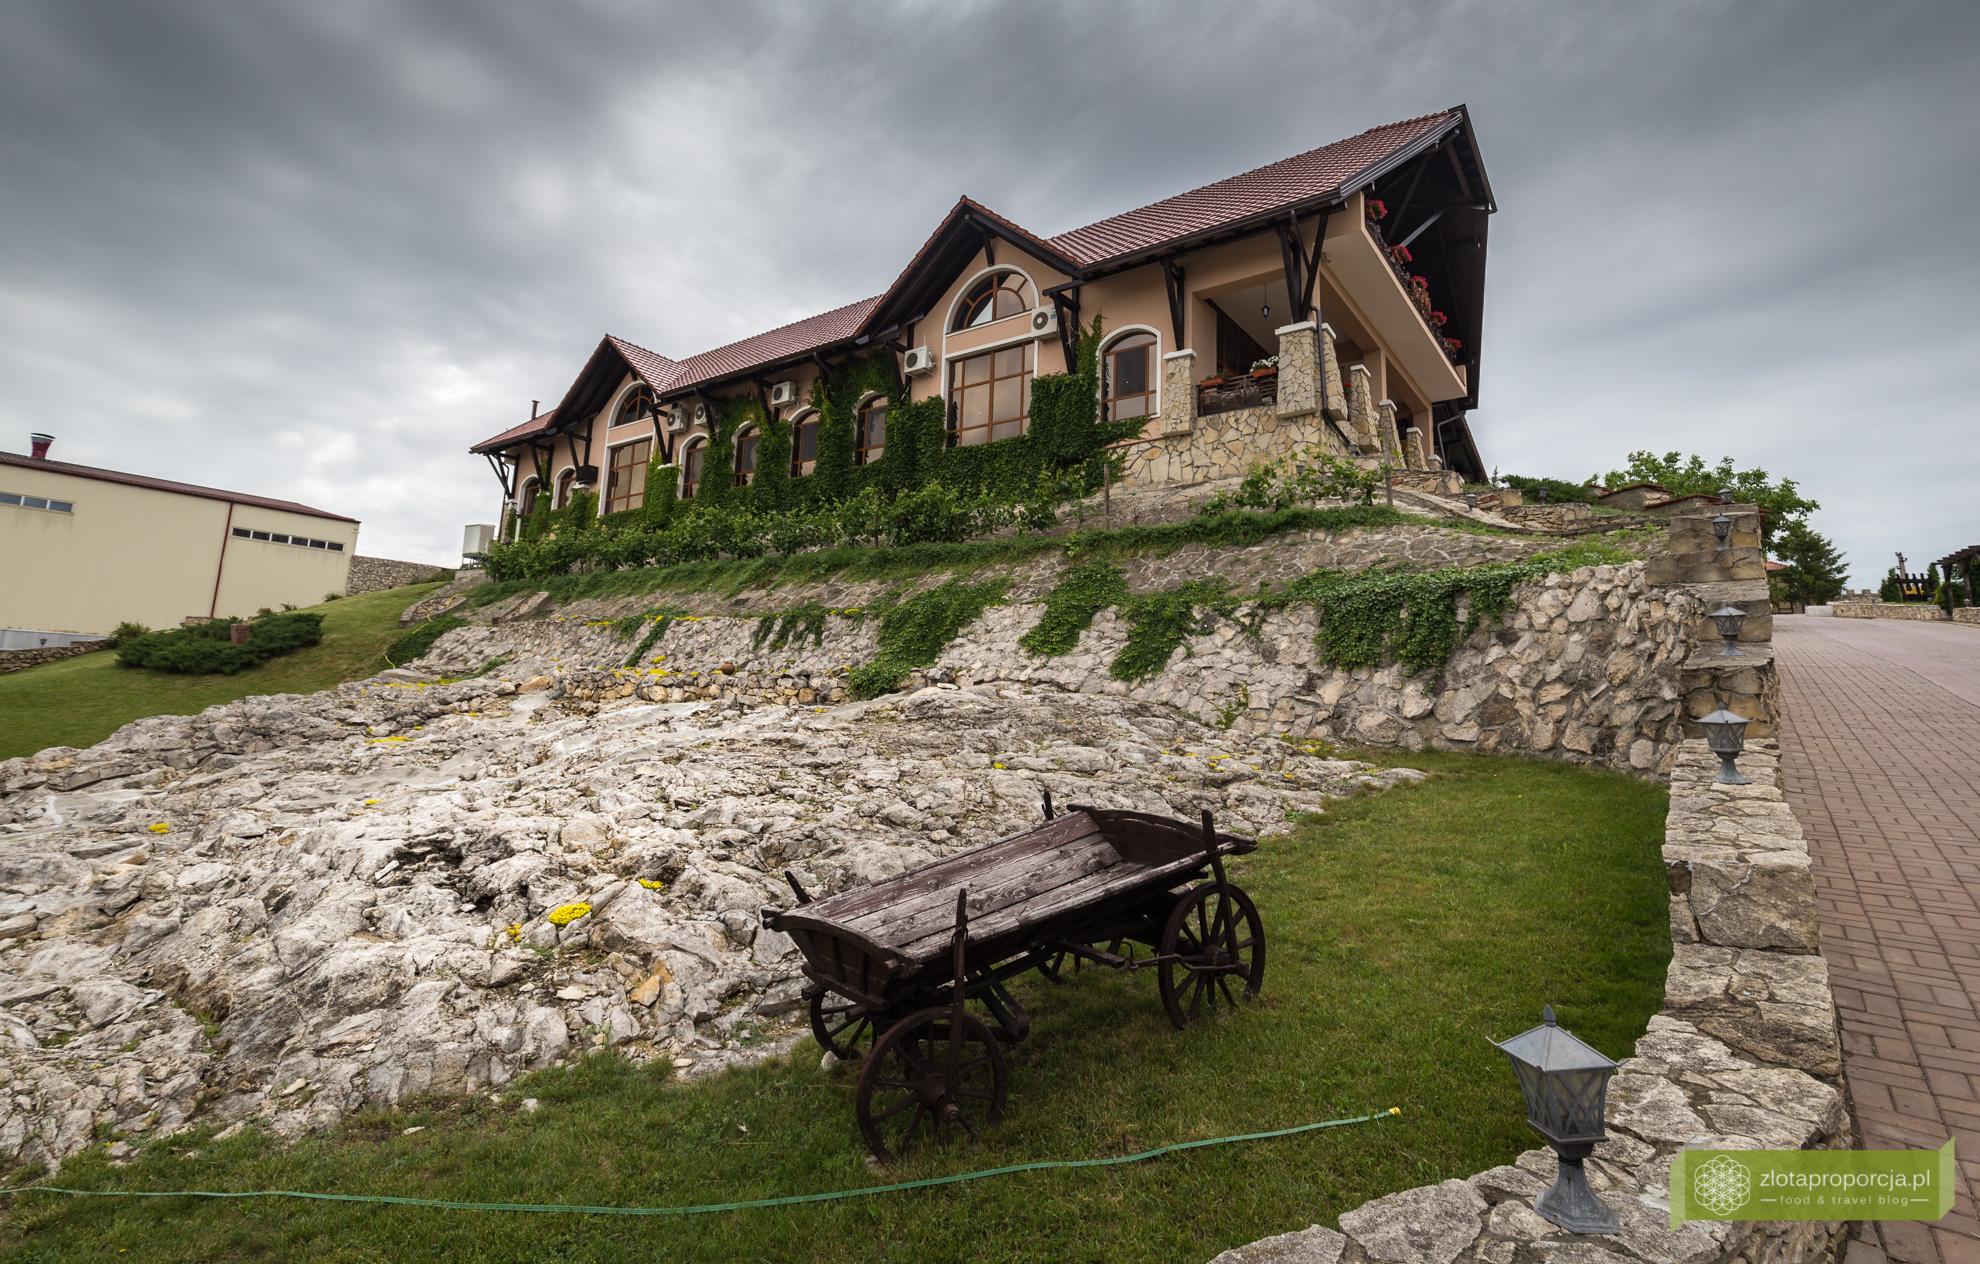 Mołdawia, wino mołdawskie, winnice Mołdawii, Chateau Vartely,